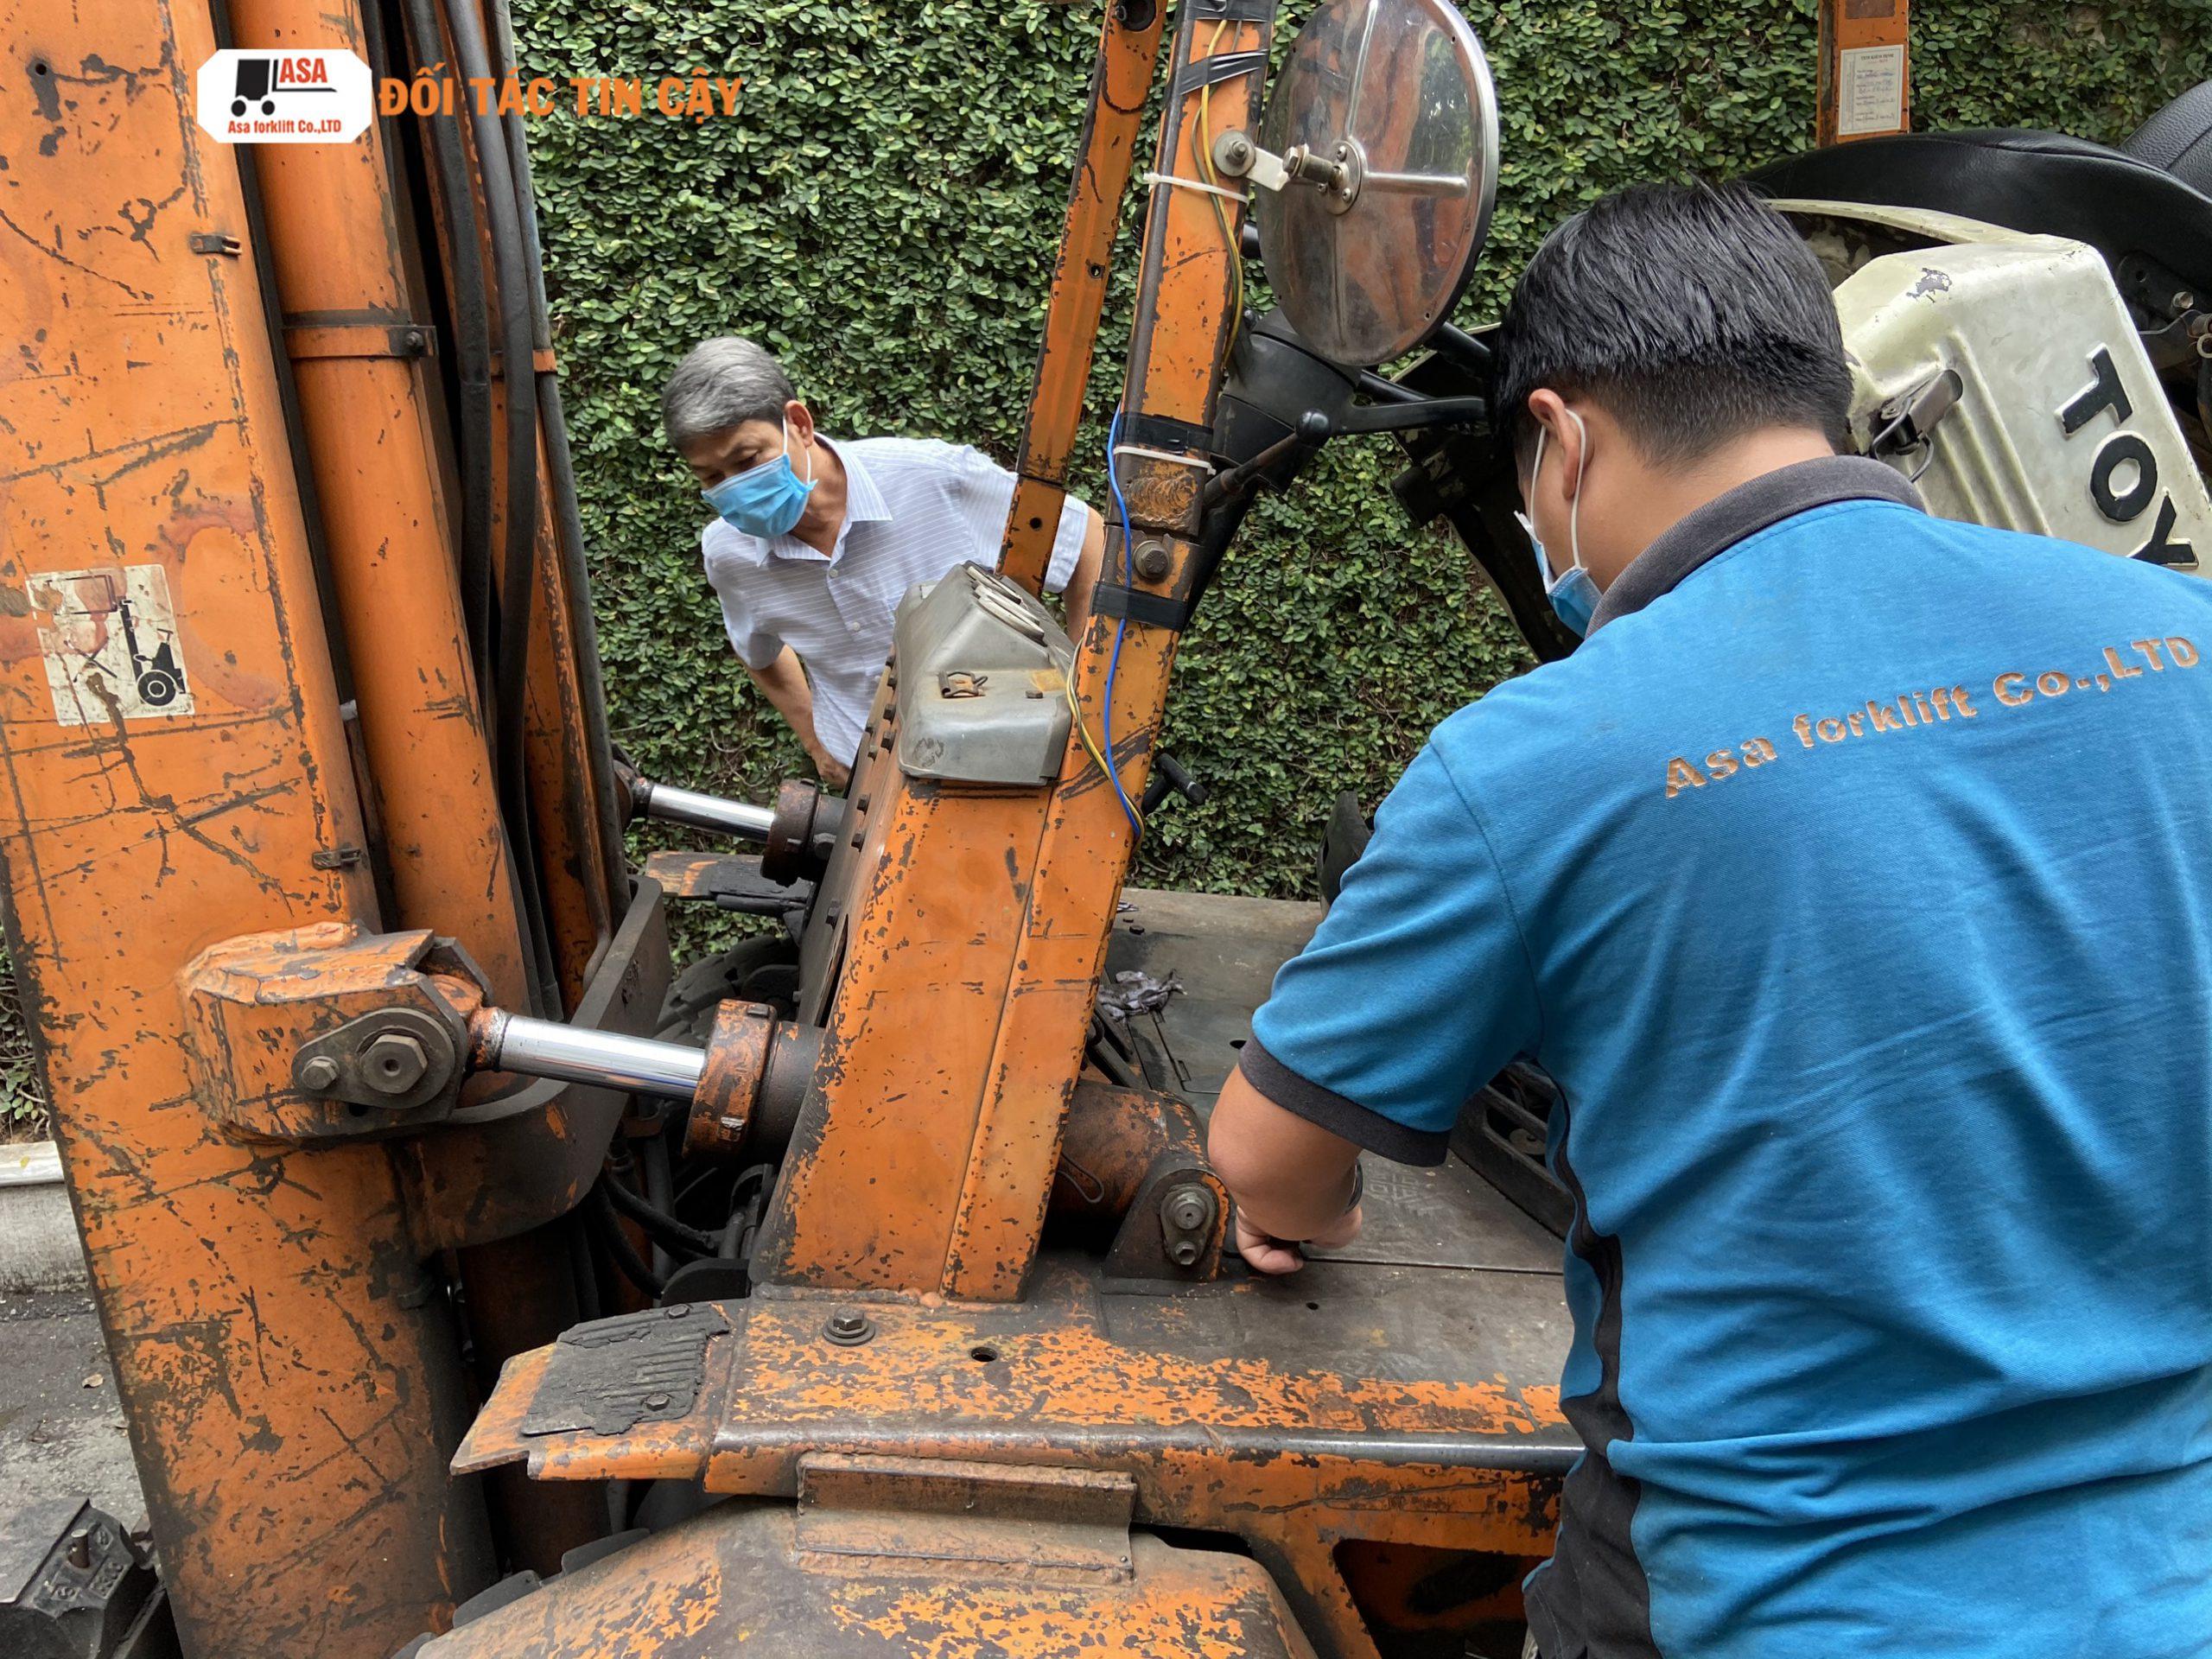 Các quy trình sửa xe nâng hàng của Asa rất bài bản và theo tính chuyên môn cao